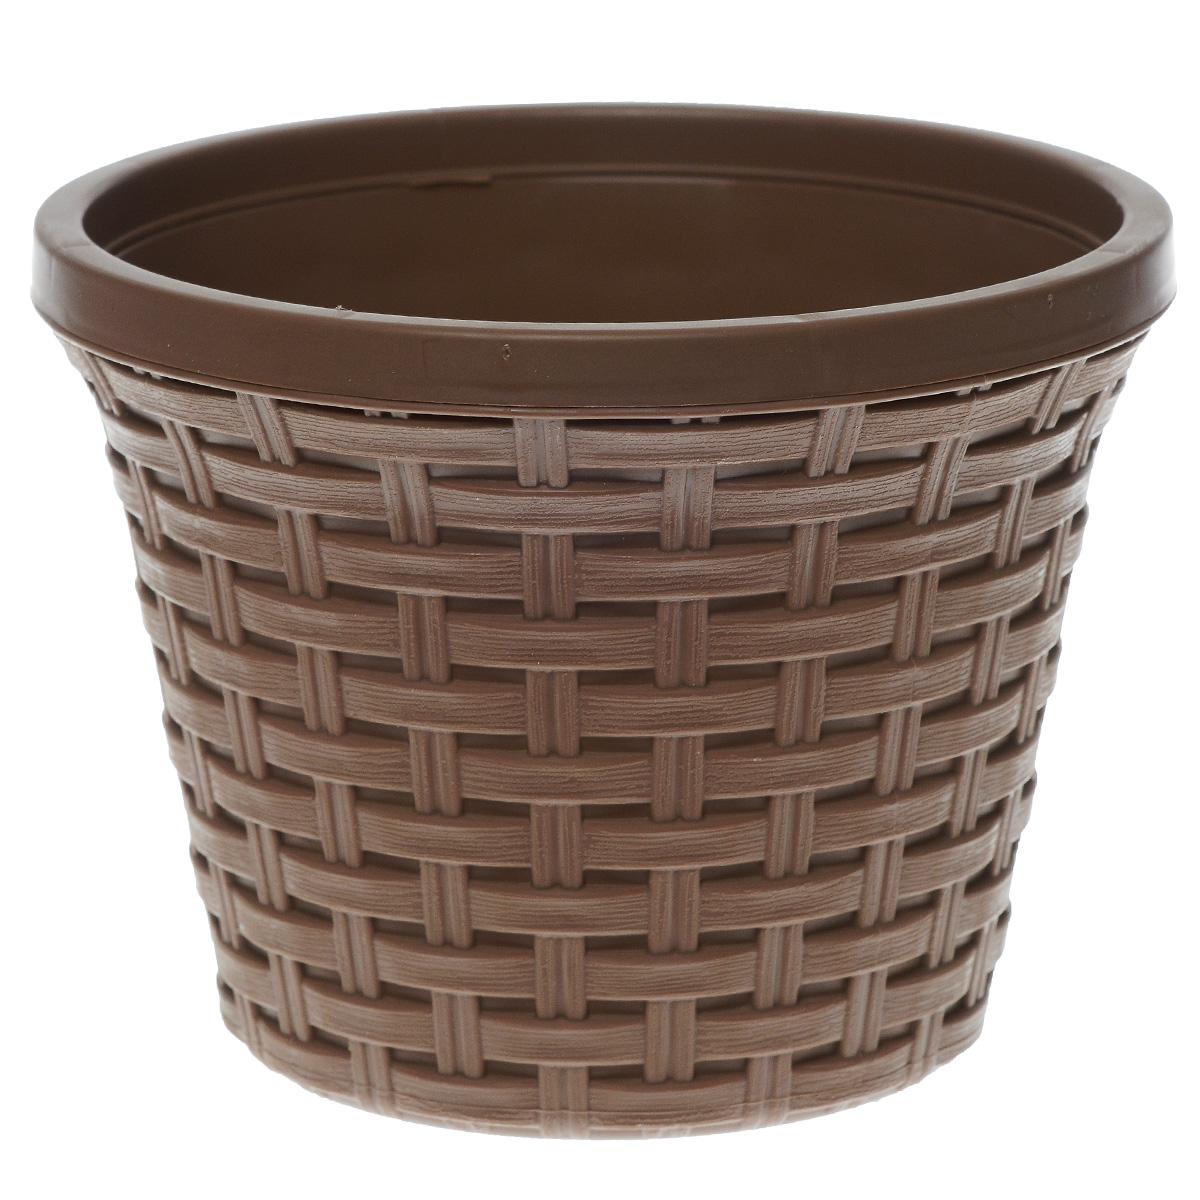 Кашпо Violet Ротанг, с дренажной системой, цвет: какао, 2,2 лZ-0307Кашпо Violet Ротанг изготовлено из высококачественного пластика и оснащено дренажной системой для быстрого отведения избытка воды при поливе. Изделие прекрасно подходит для выращивания растений и цветов в домашних условиях. Лаконичный дизайн впишется в интерьер любого помещения.Объем: 2,2 л.